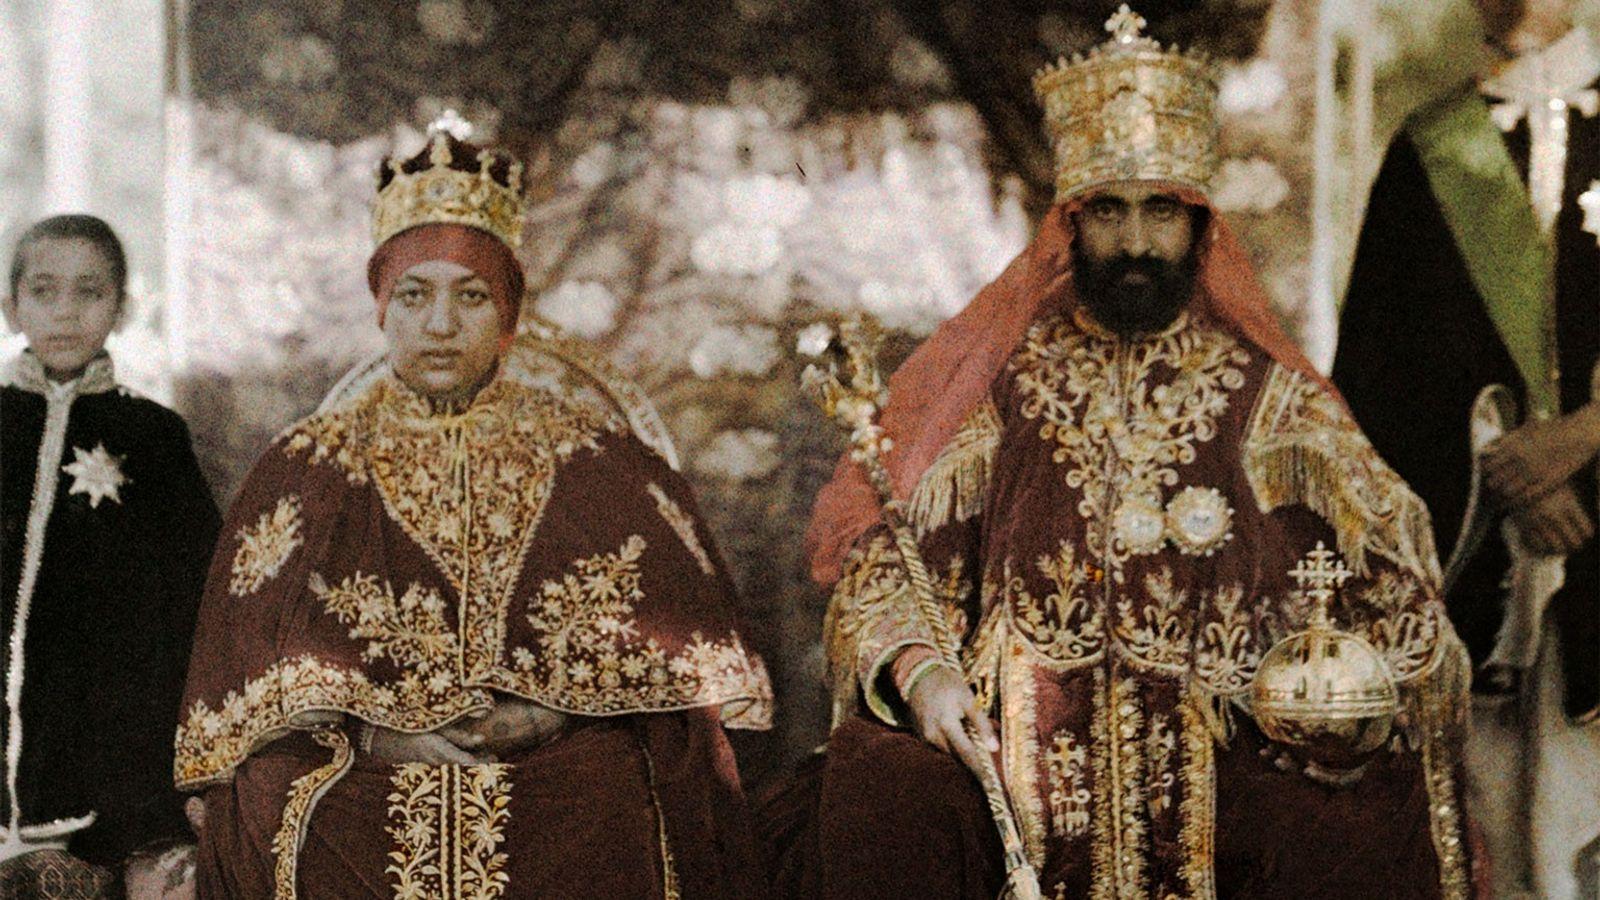 O Imperador Haile Selassie I e a Imperatriz Menen Asfaw posam em seus mantos na Etiópia. ...